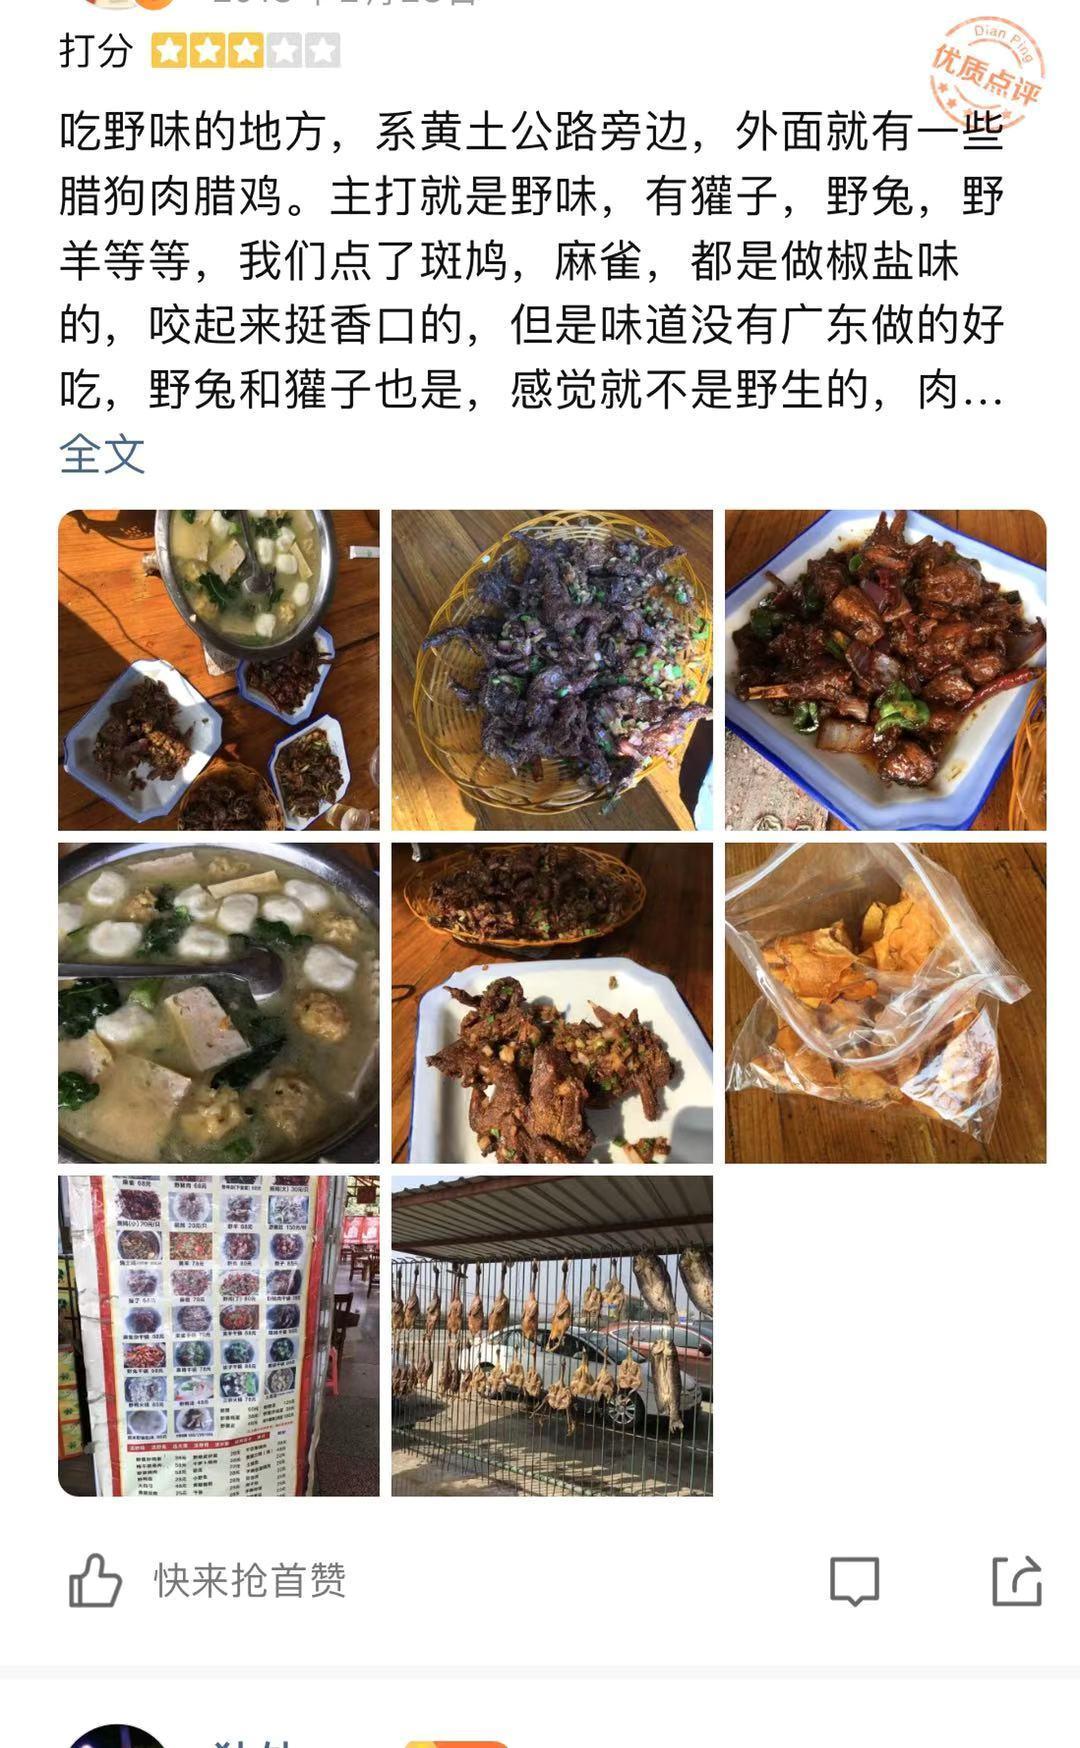 新型冠状病毒很可能来自野味!记者调查:武汉多家餐厅曾售卖獾、刺猬等